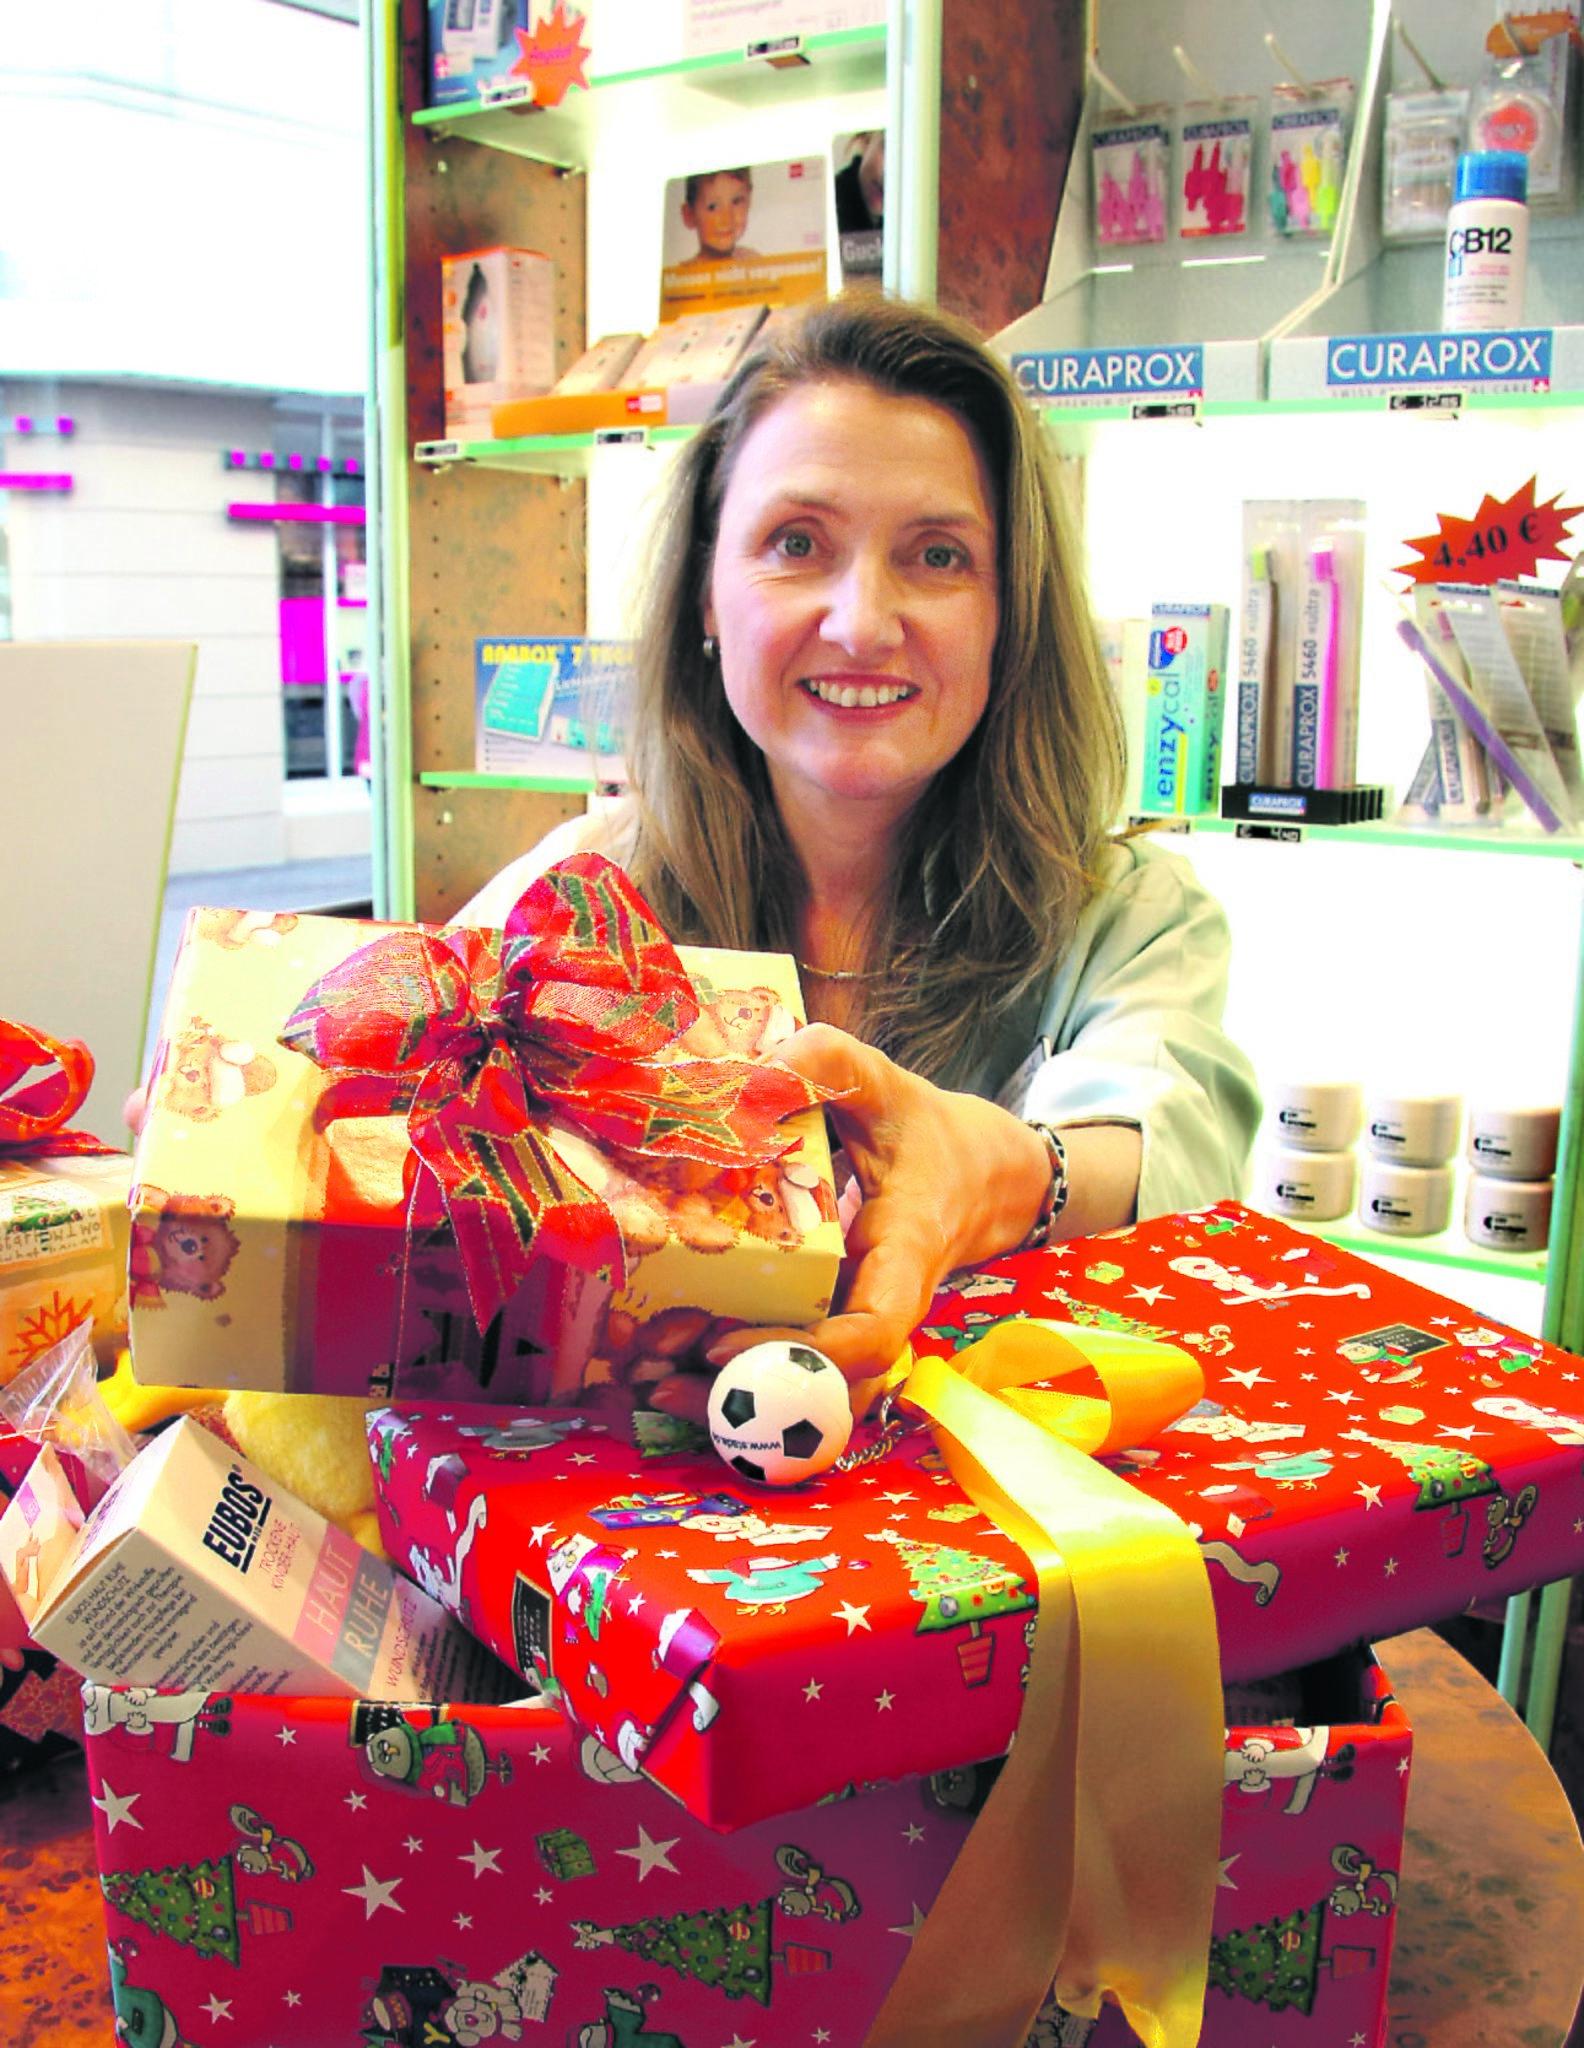 Weihnachten Im Schuhkarton Bilder.Weihnachten Im Schuhkarton Machen Sie Kindern In Osteuropa Eine